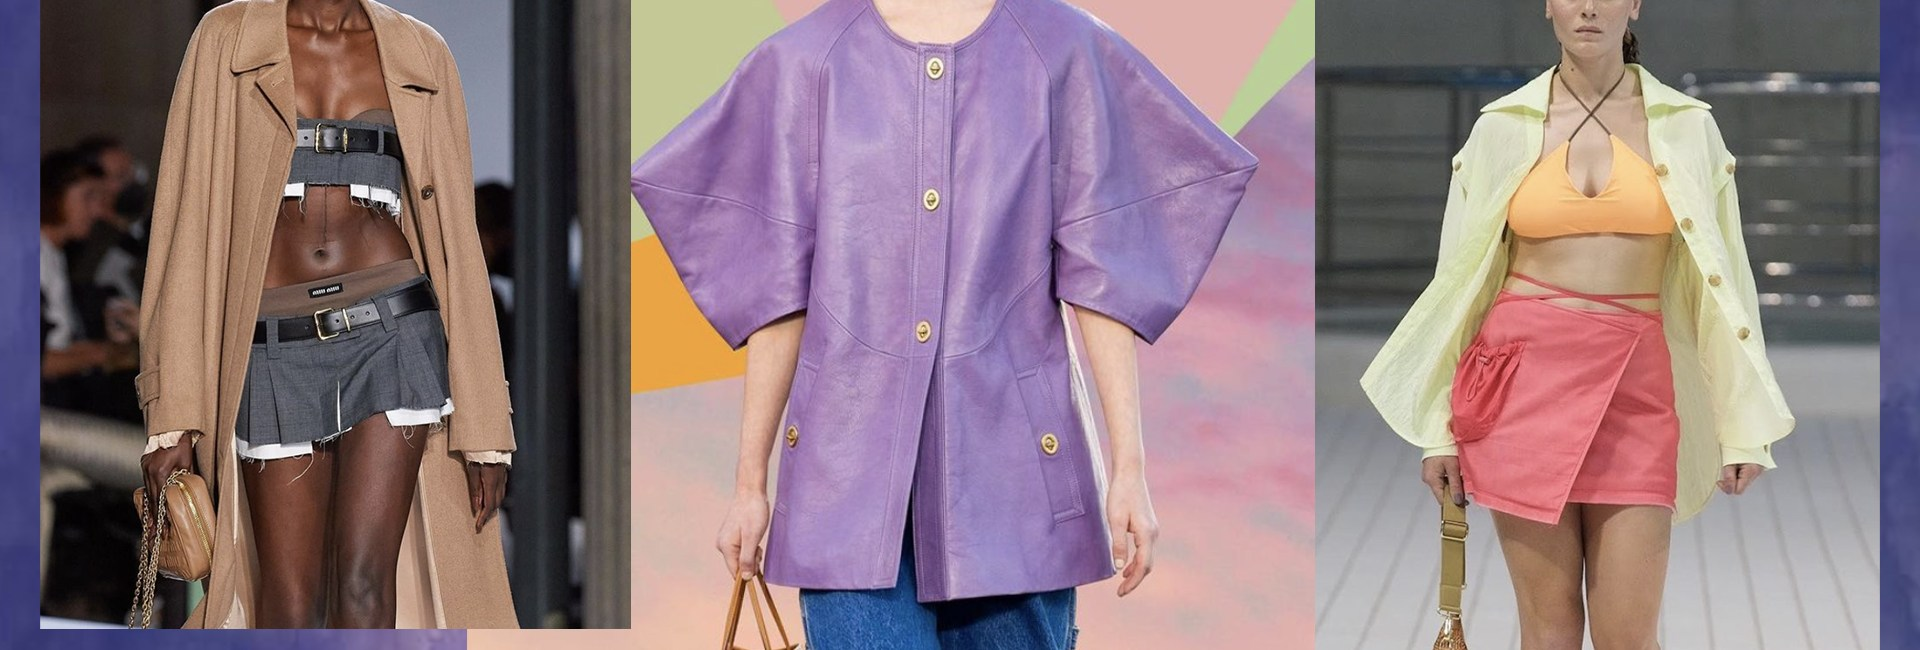 tendances-mode-printemps-été-2022